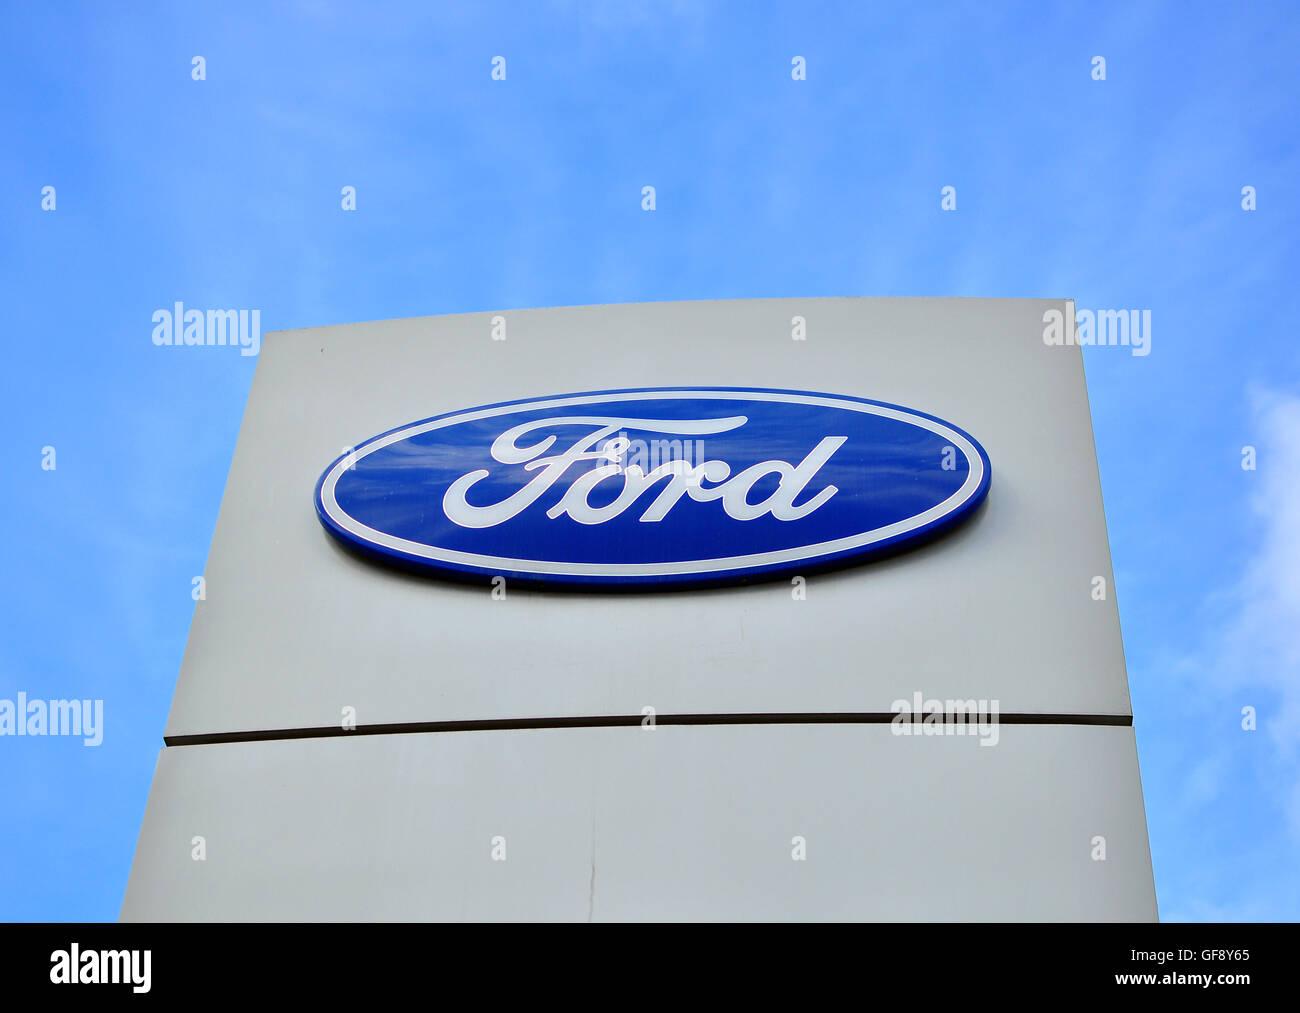 корпорация ford в россии